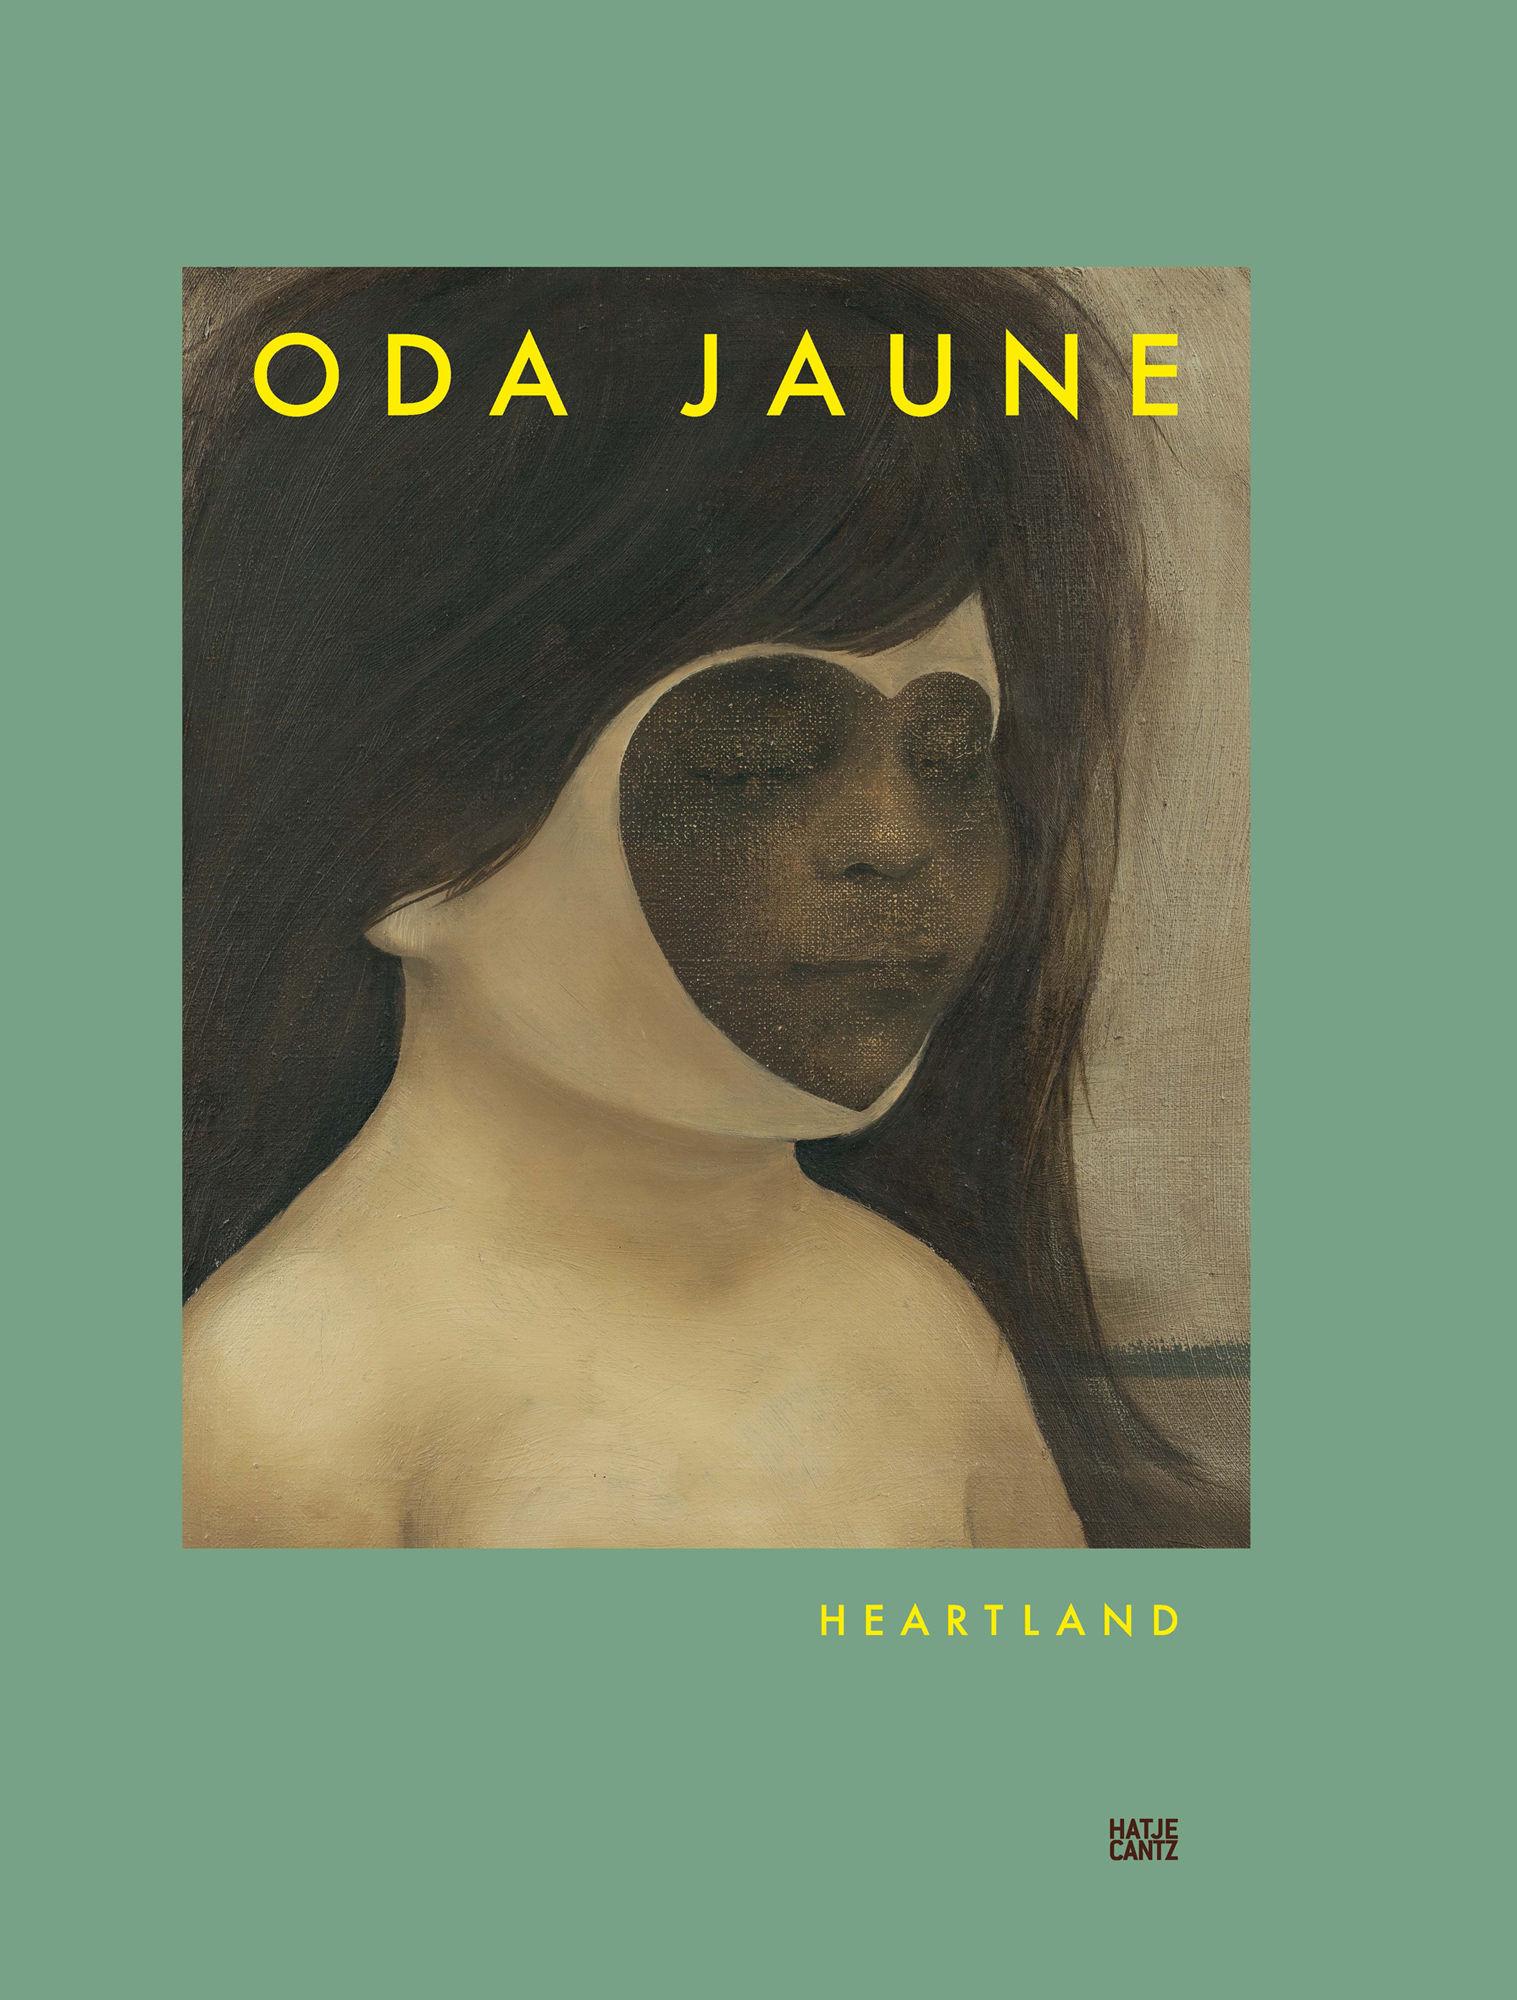 Oda Jaune 'Heartland' (HATJE CANTZ VERLAG)